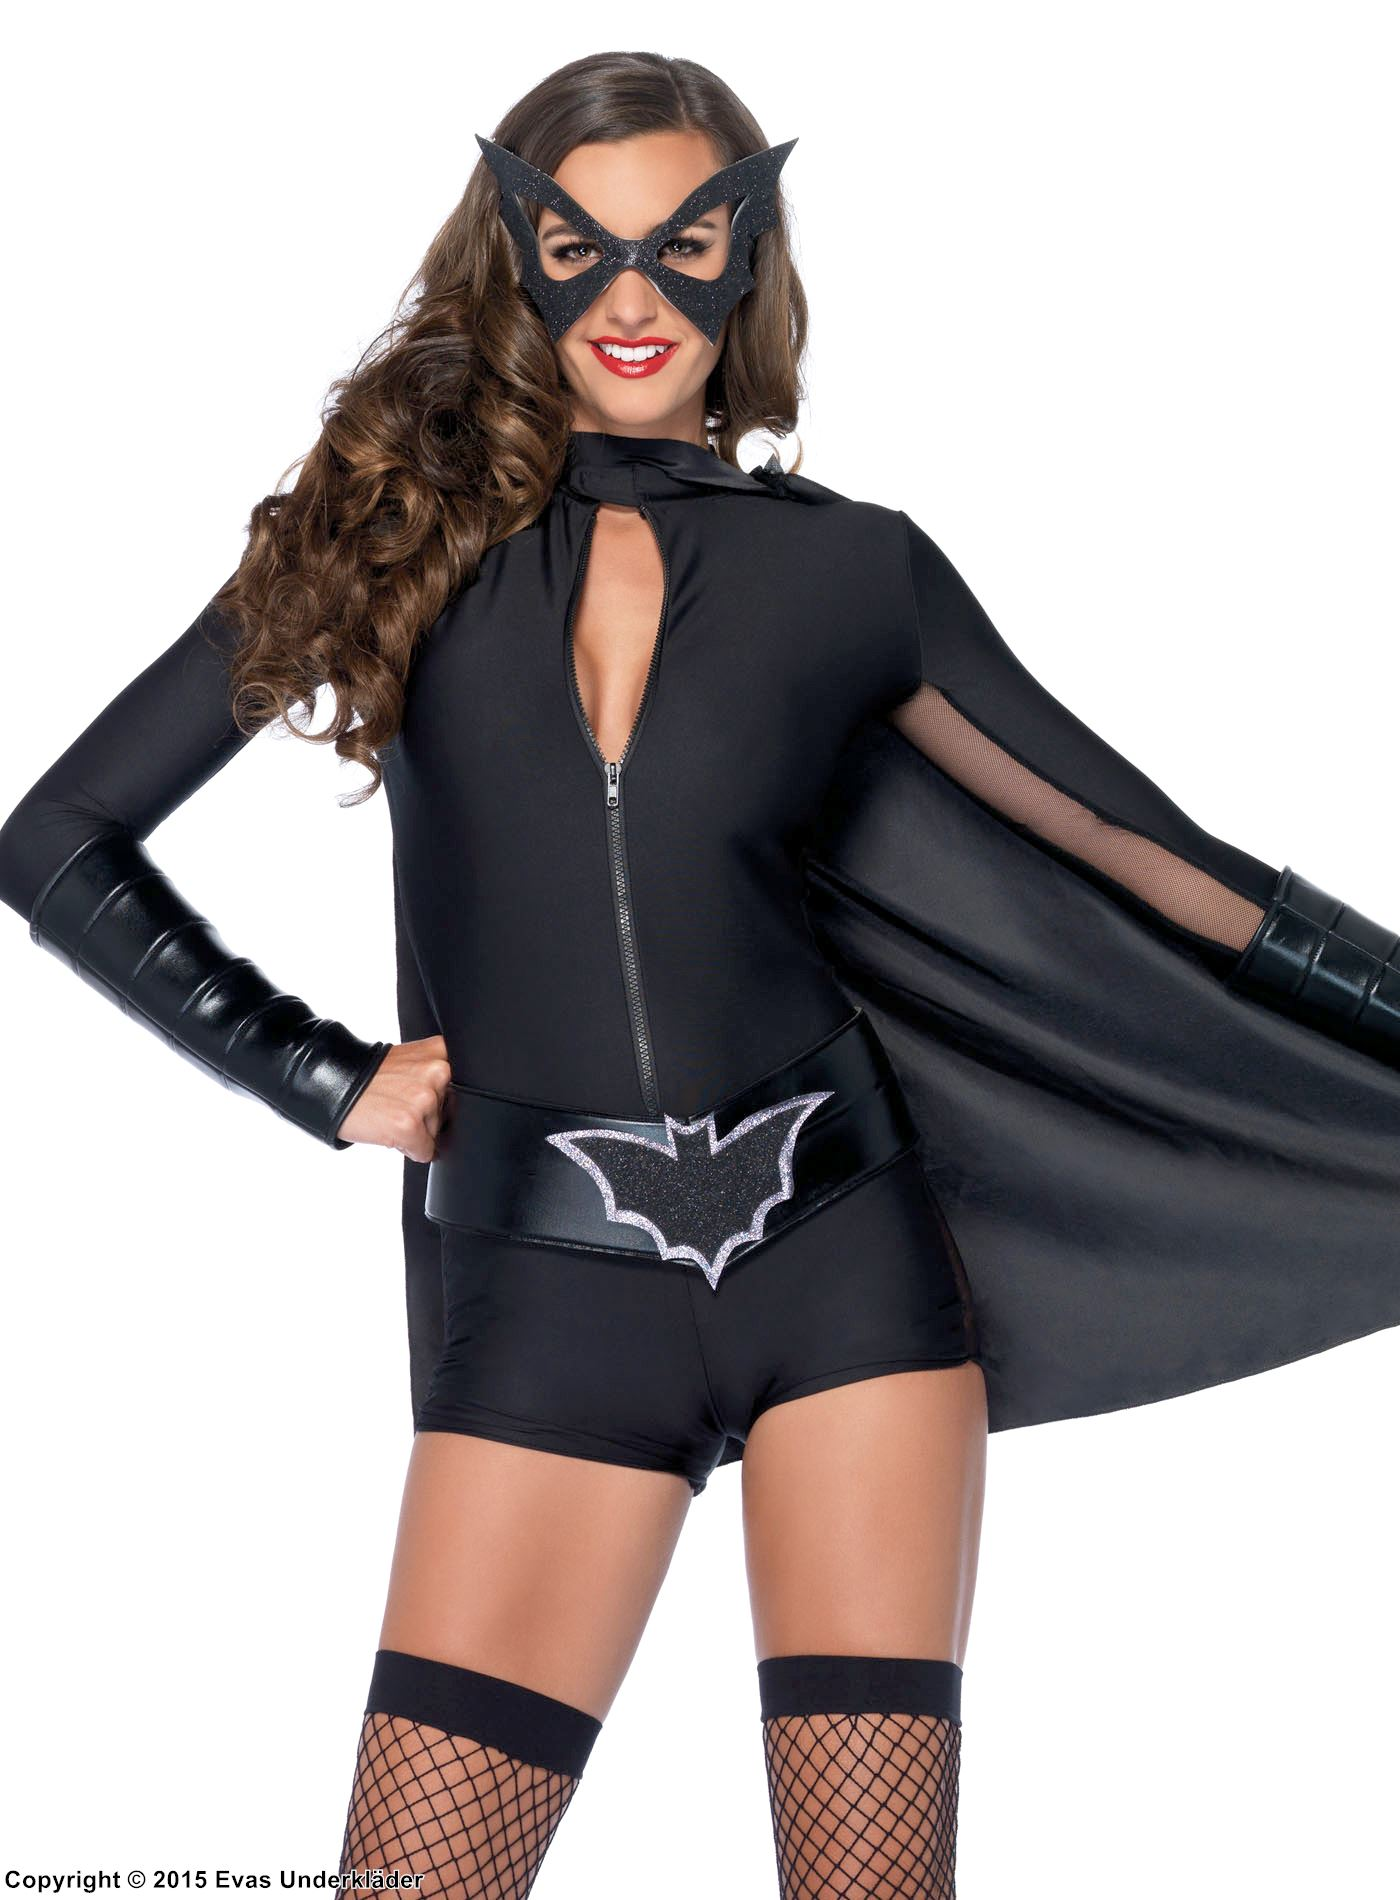 Superhjälte-accessoarer för maskerad f208aeddf03e7